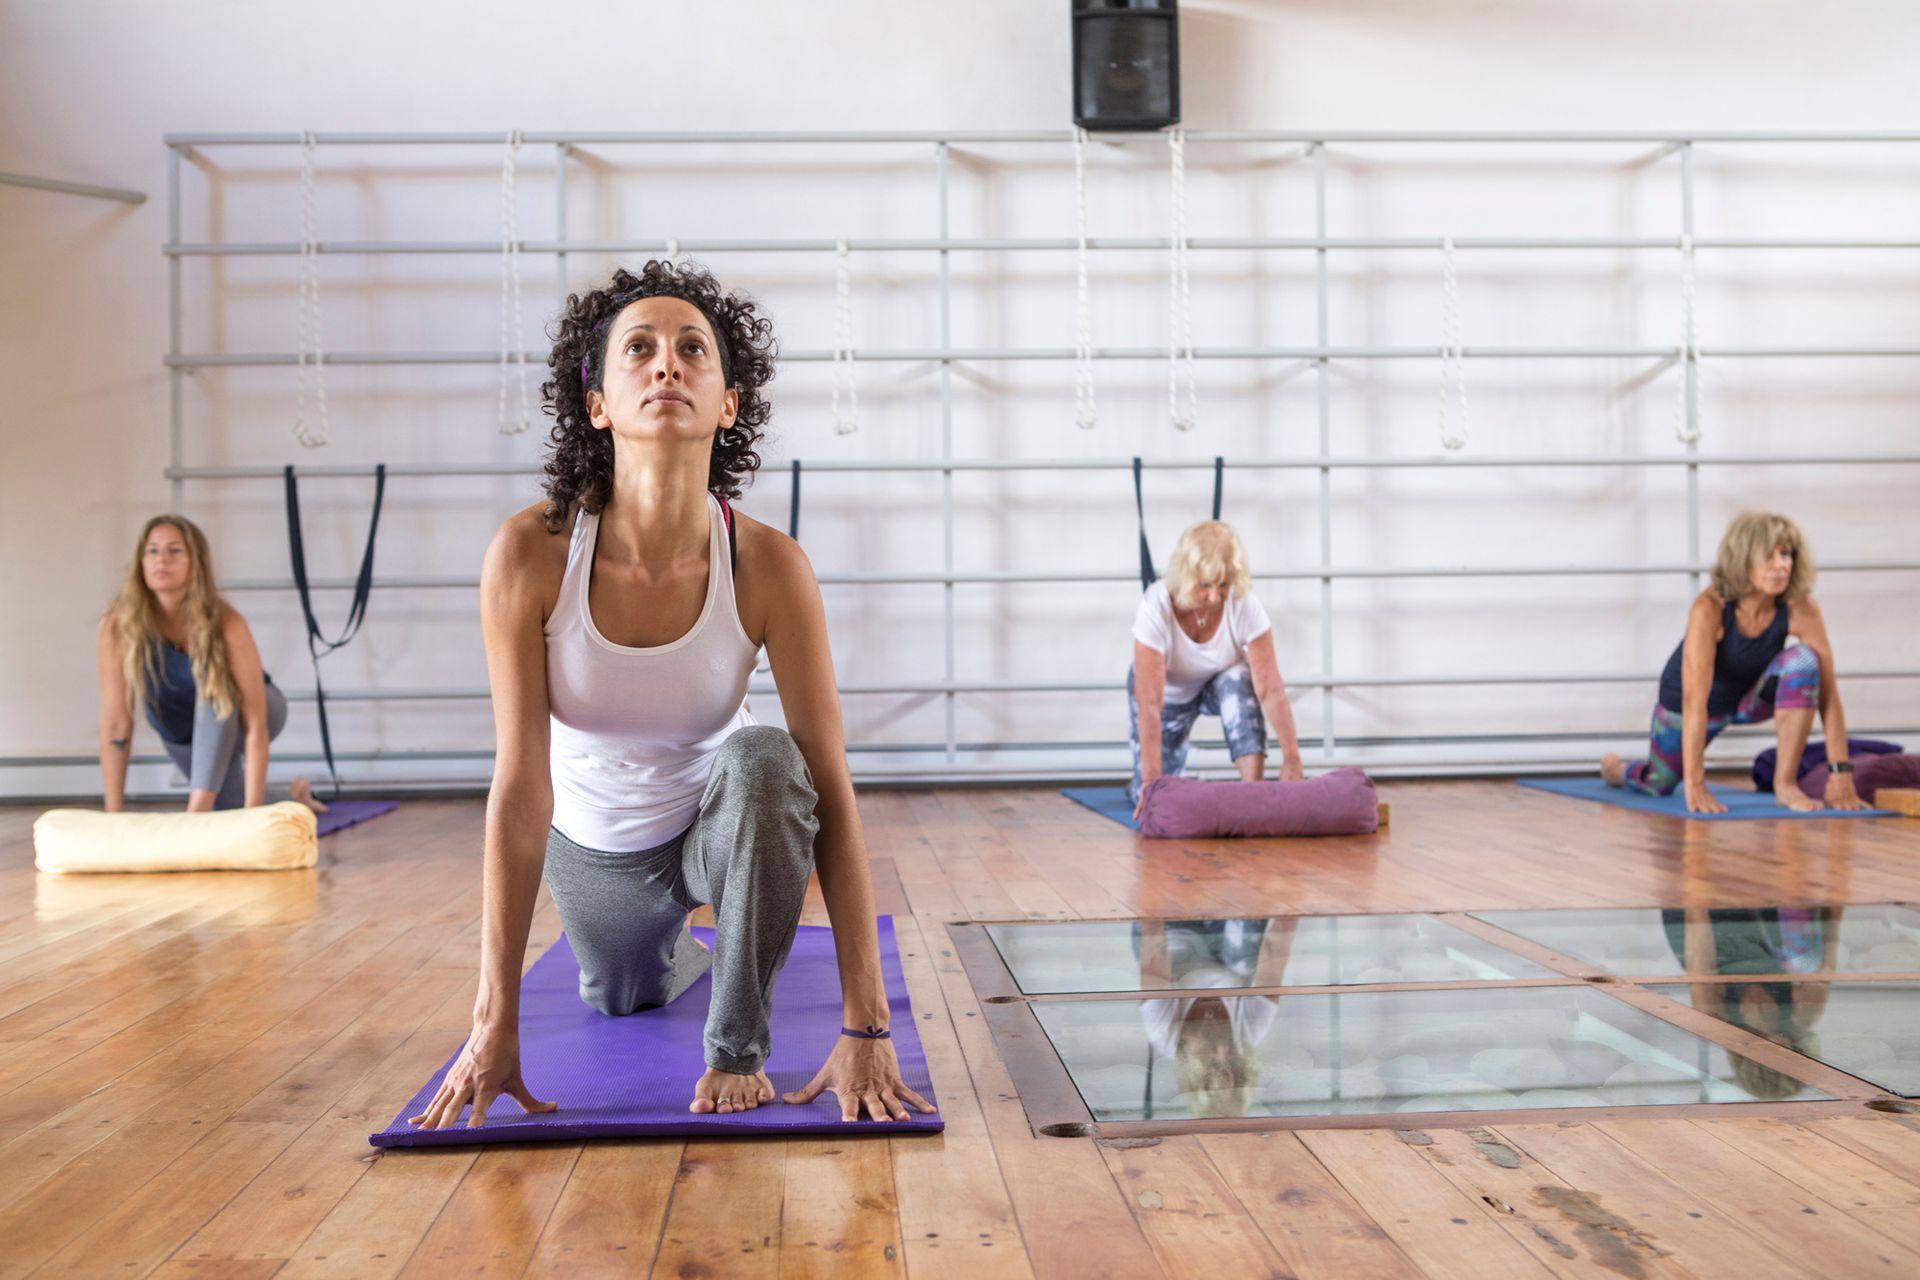 Clases de yoga, uno de los highlights de la propuesta.